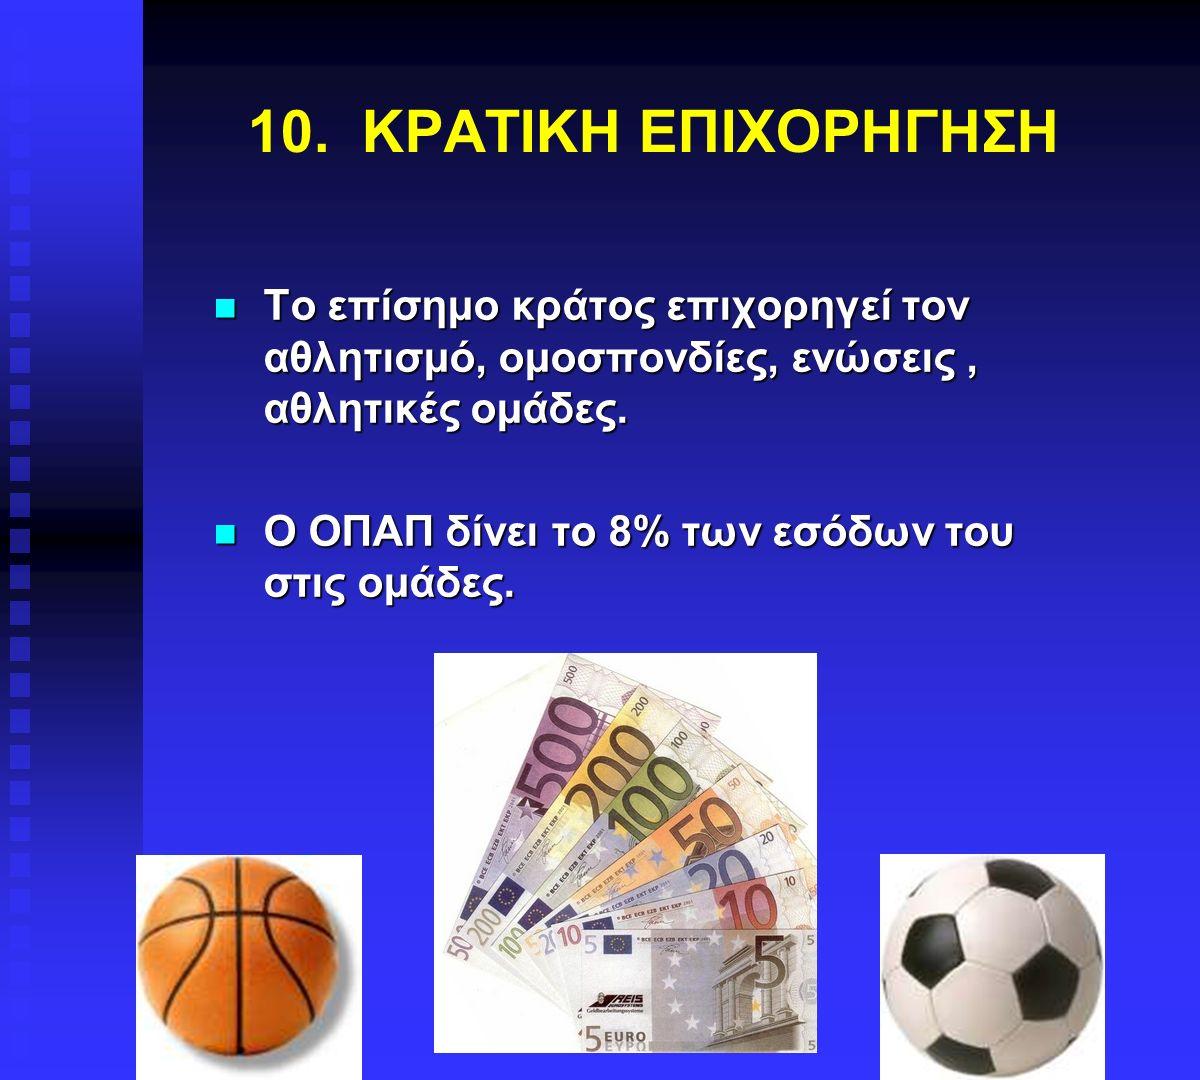 10. ΚΡΑΤΙΚΗ ΕΠΙΧΟΡΗΓΗΣΗ Το επίσημο κράτος επιχορηγεί τον αθλητισμό, ομοσπονδίες, ενώσεις, αθλητικές ομάδες. Το επίσημο κράτος επιχορηγεί τον αθλητισμό